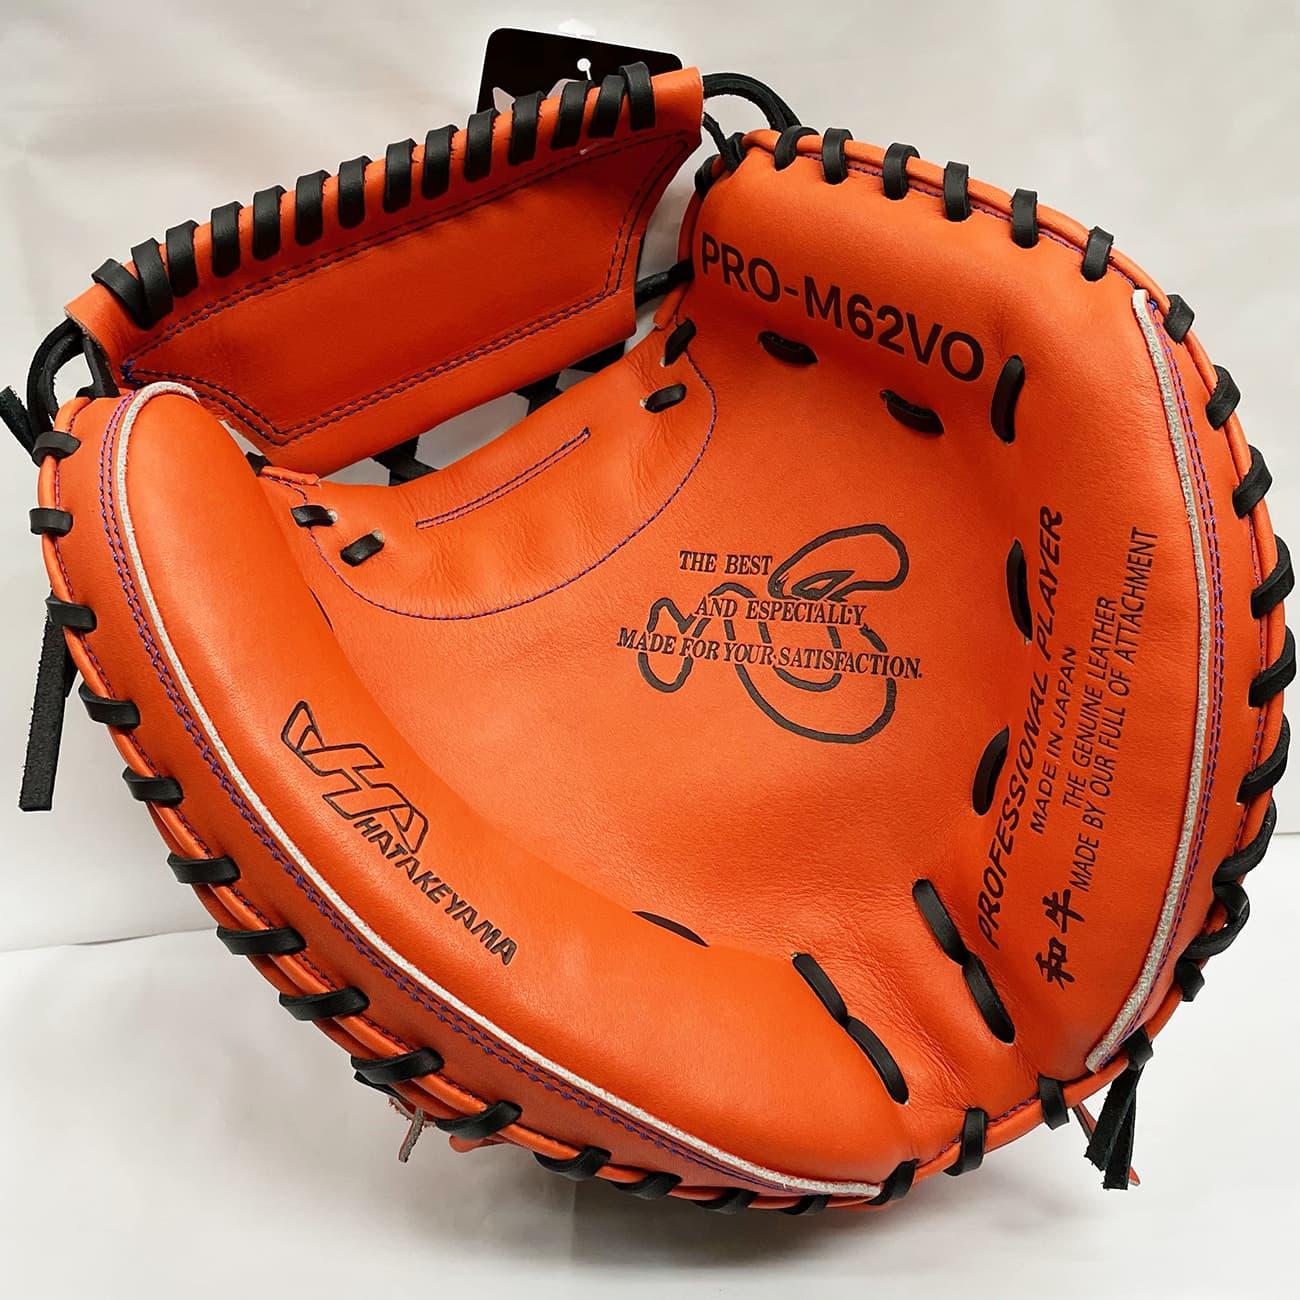 【ハタケヤマ】硬式野球用キャッチャーミット(甲斐モデル)捕球面1